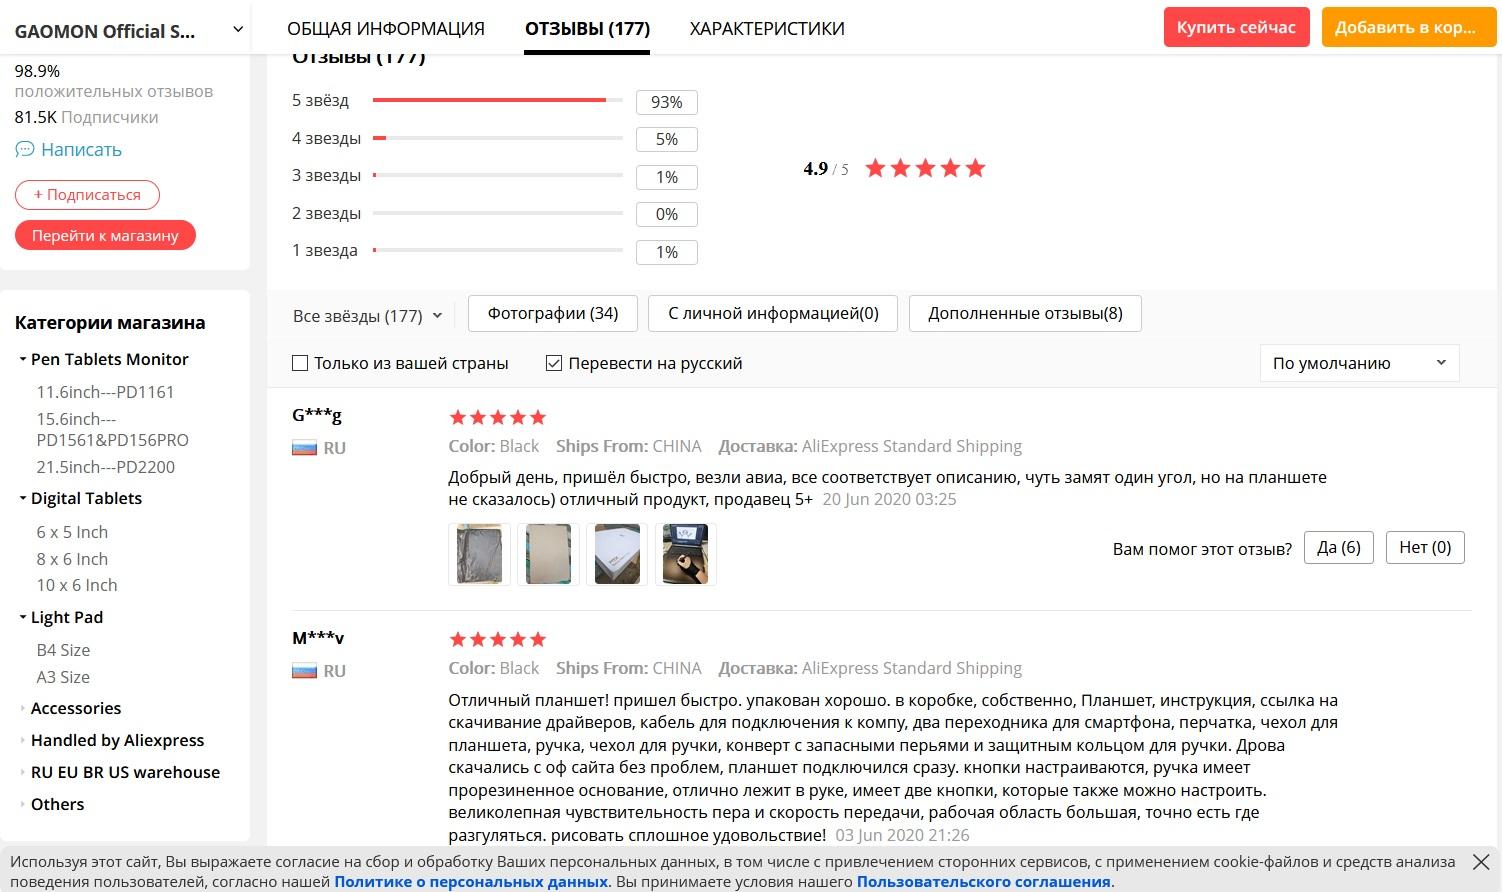 Отзывы о графическом планшете GAOMON M10K PRO